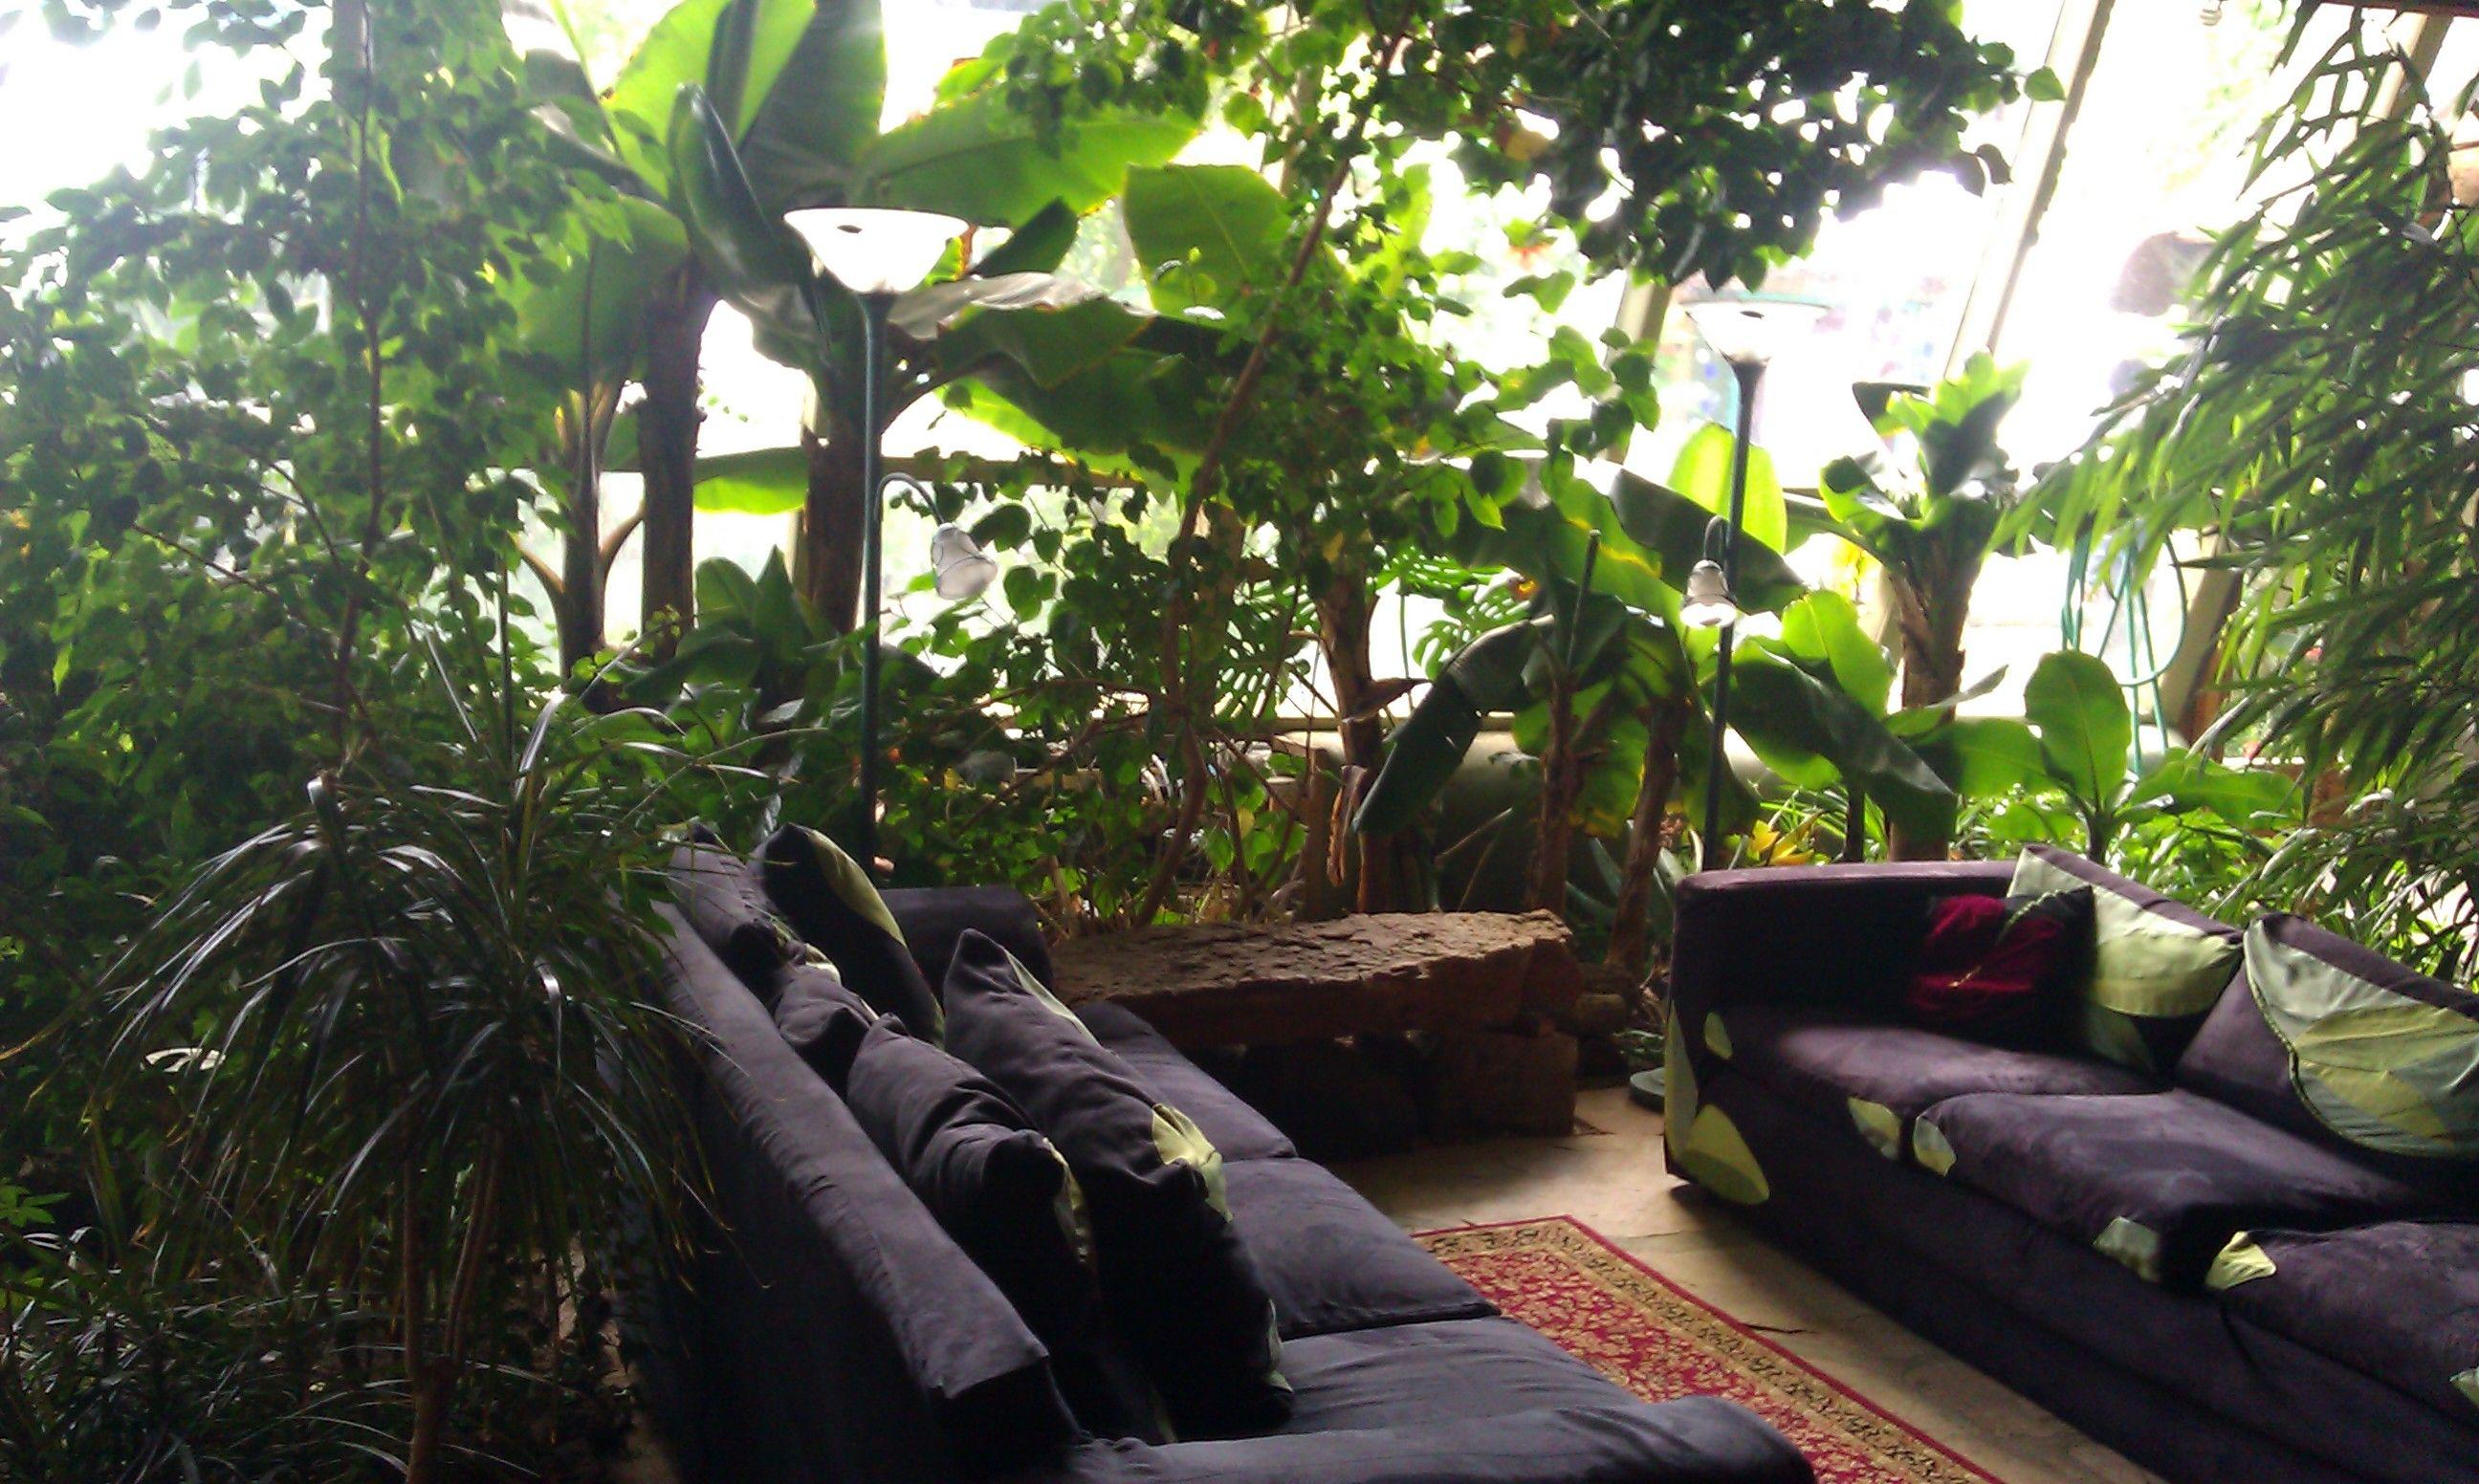 Résultats De Recherche Du0027images Pour « Living Room In A Greenhouse »